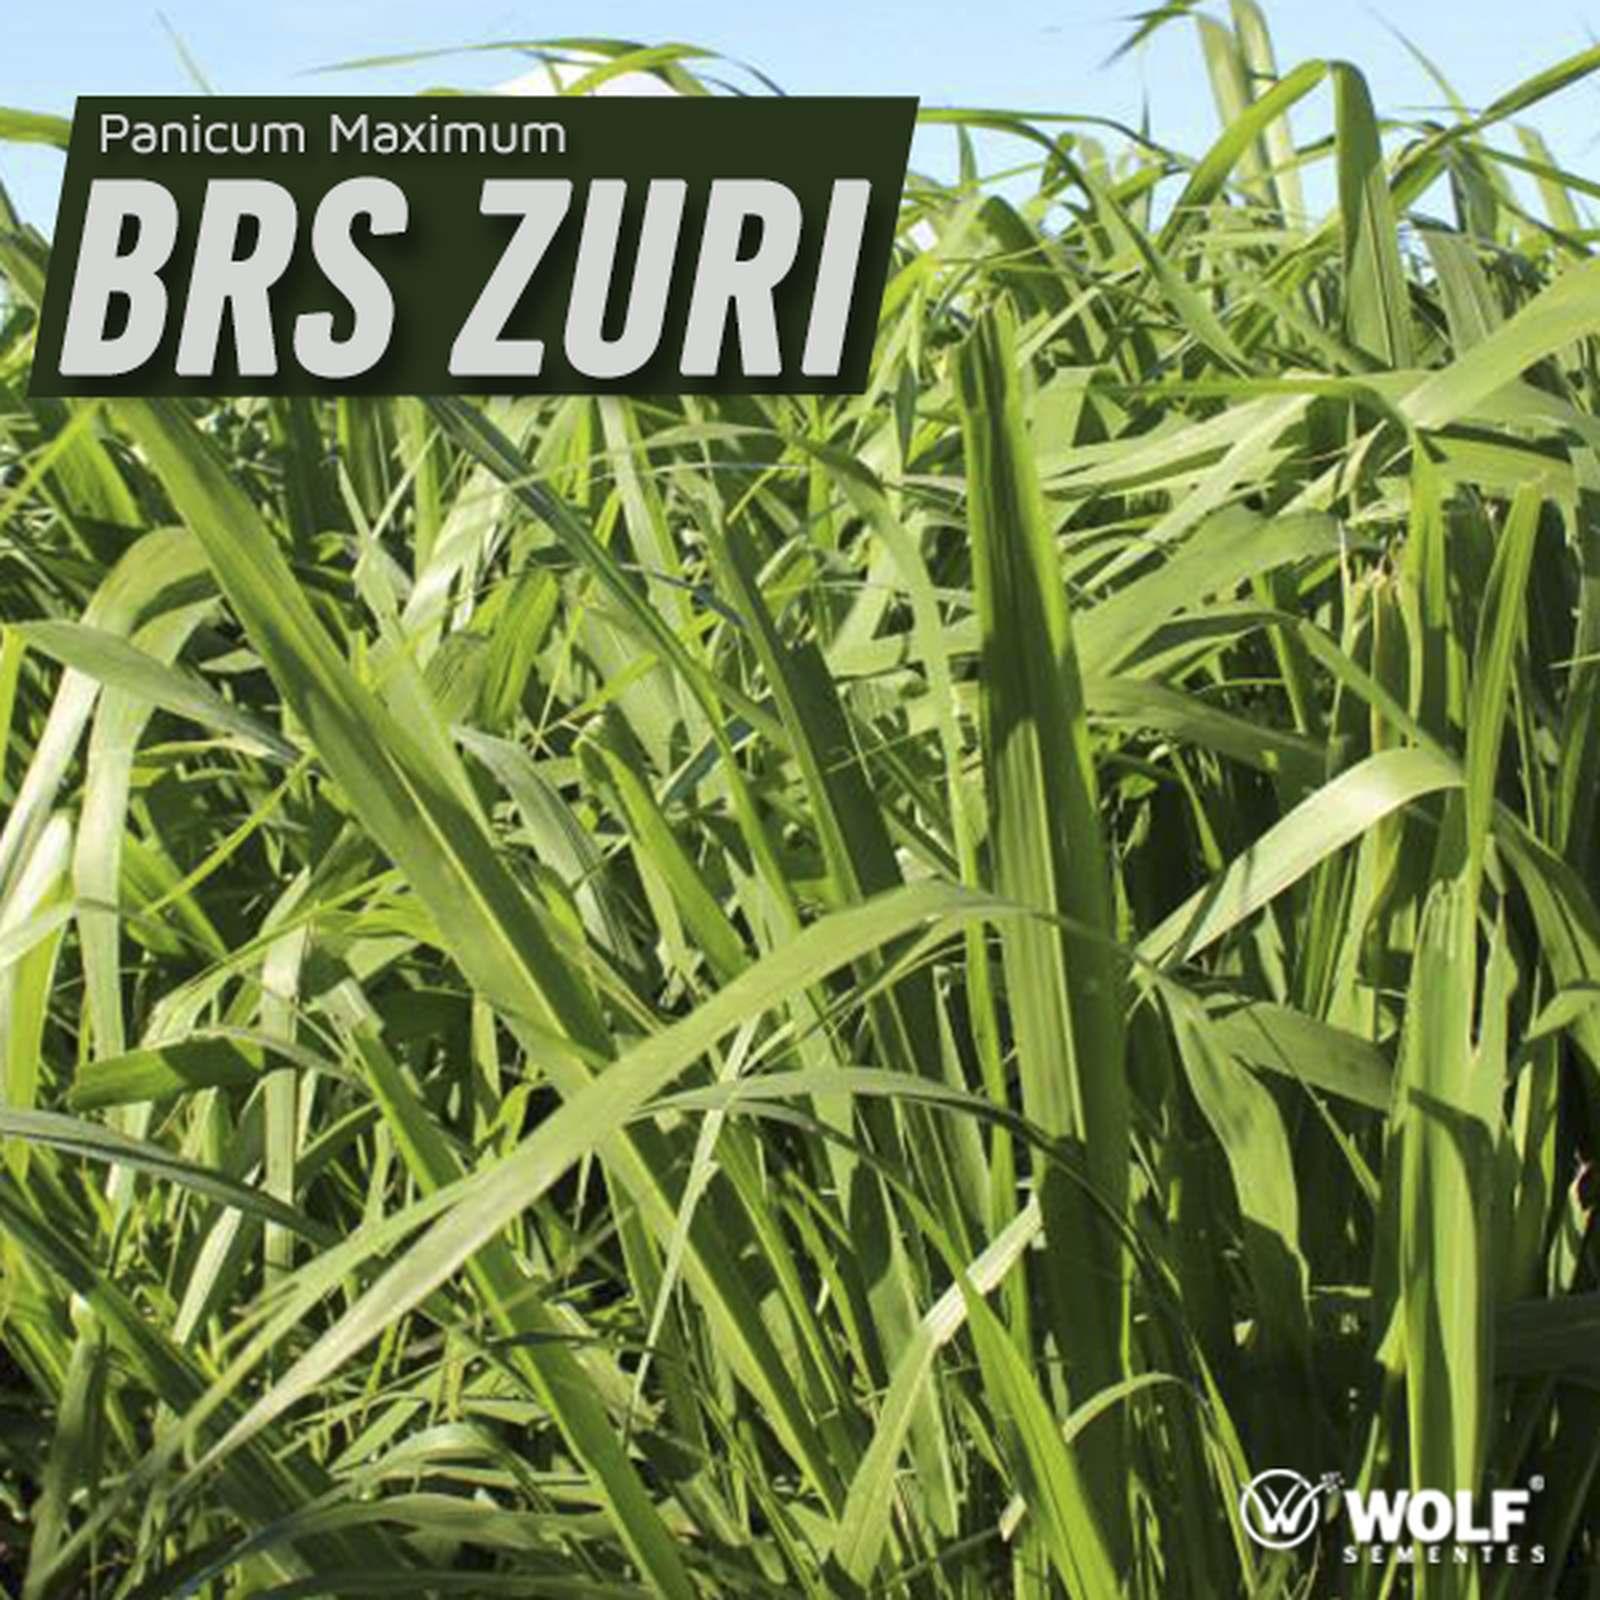 Sementes para Capim BRS ZURI VC76 (Saco de 5kg)